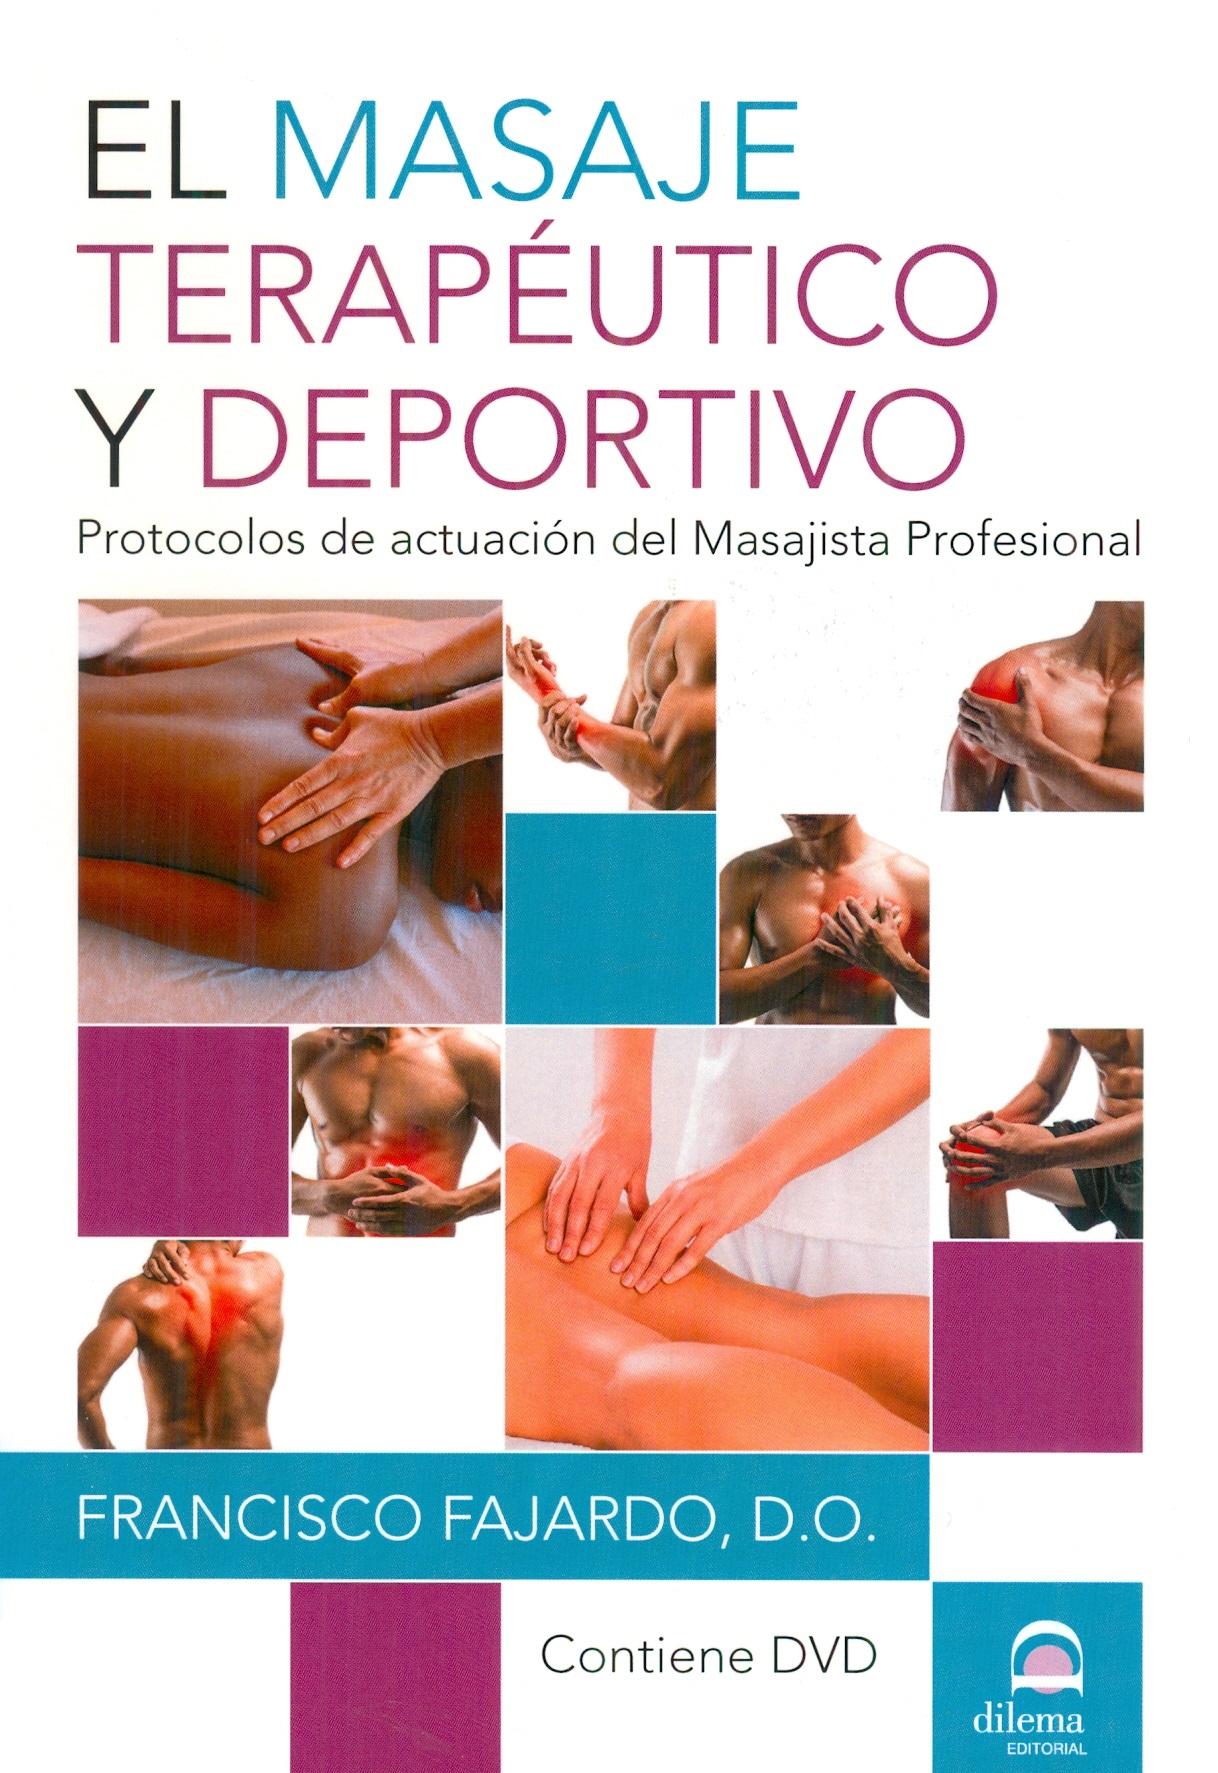 El masaje terapéutico y deportivo Image